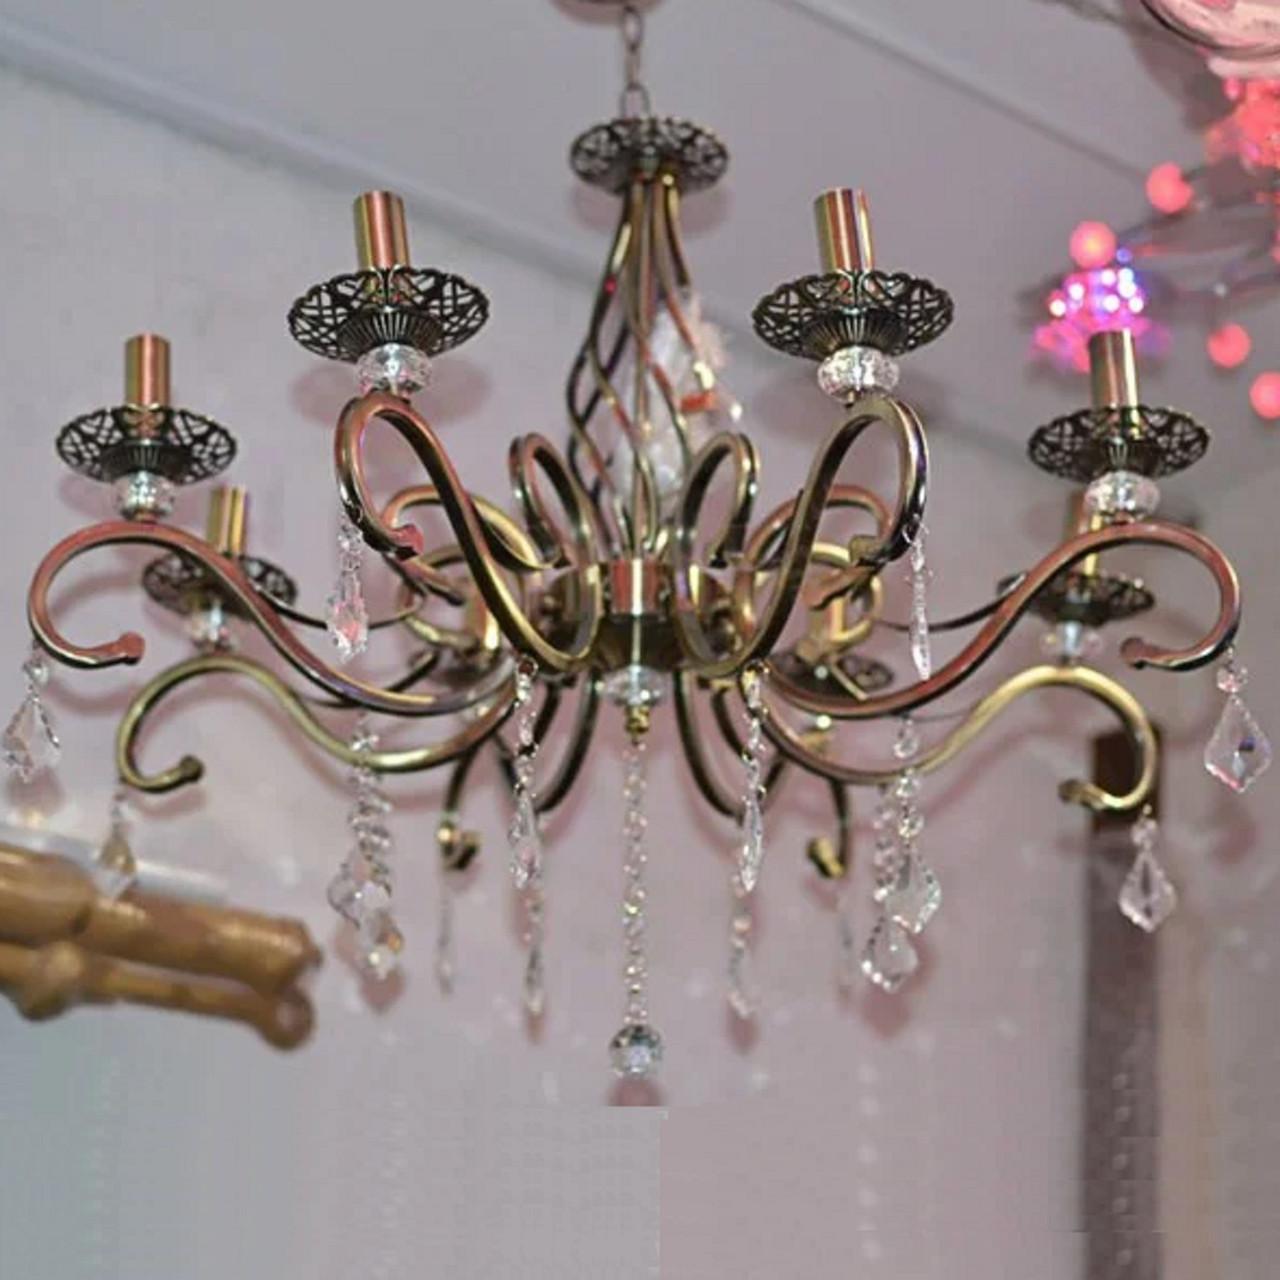 Люстра, 8 ламп, подвесная, на цепи, подсвечники